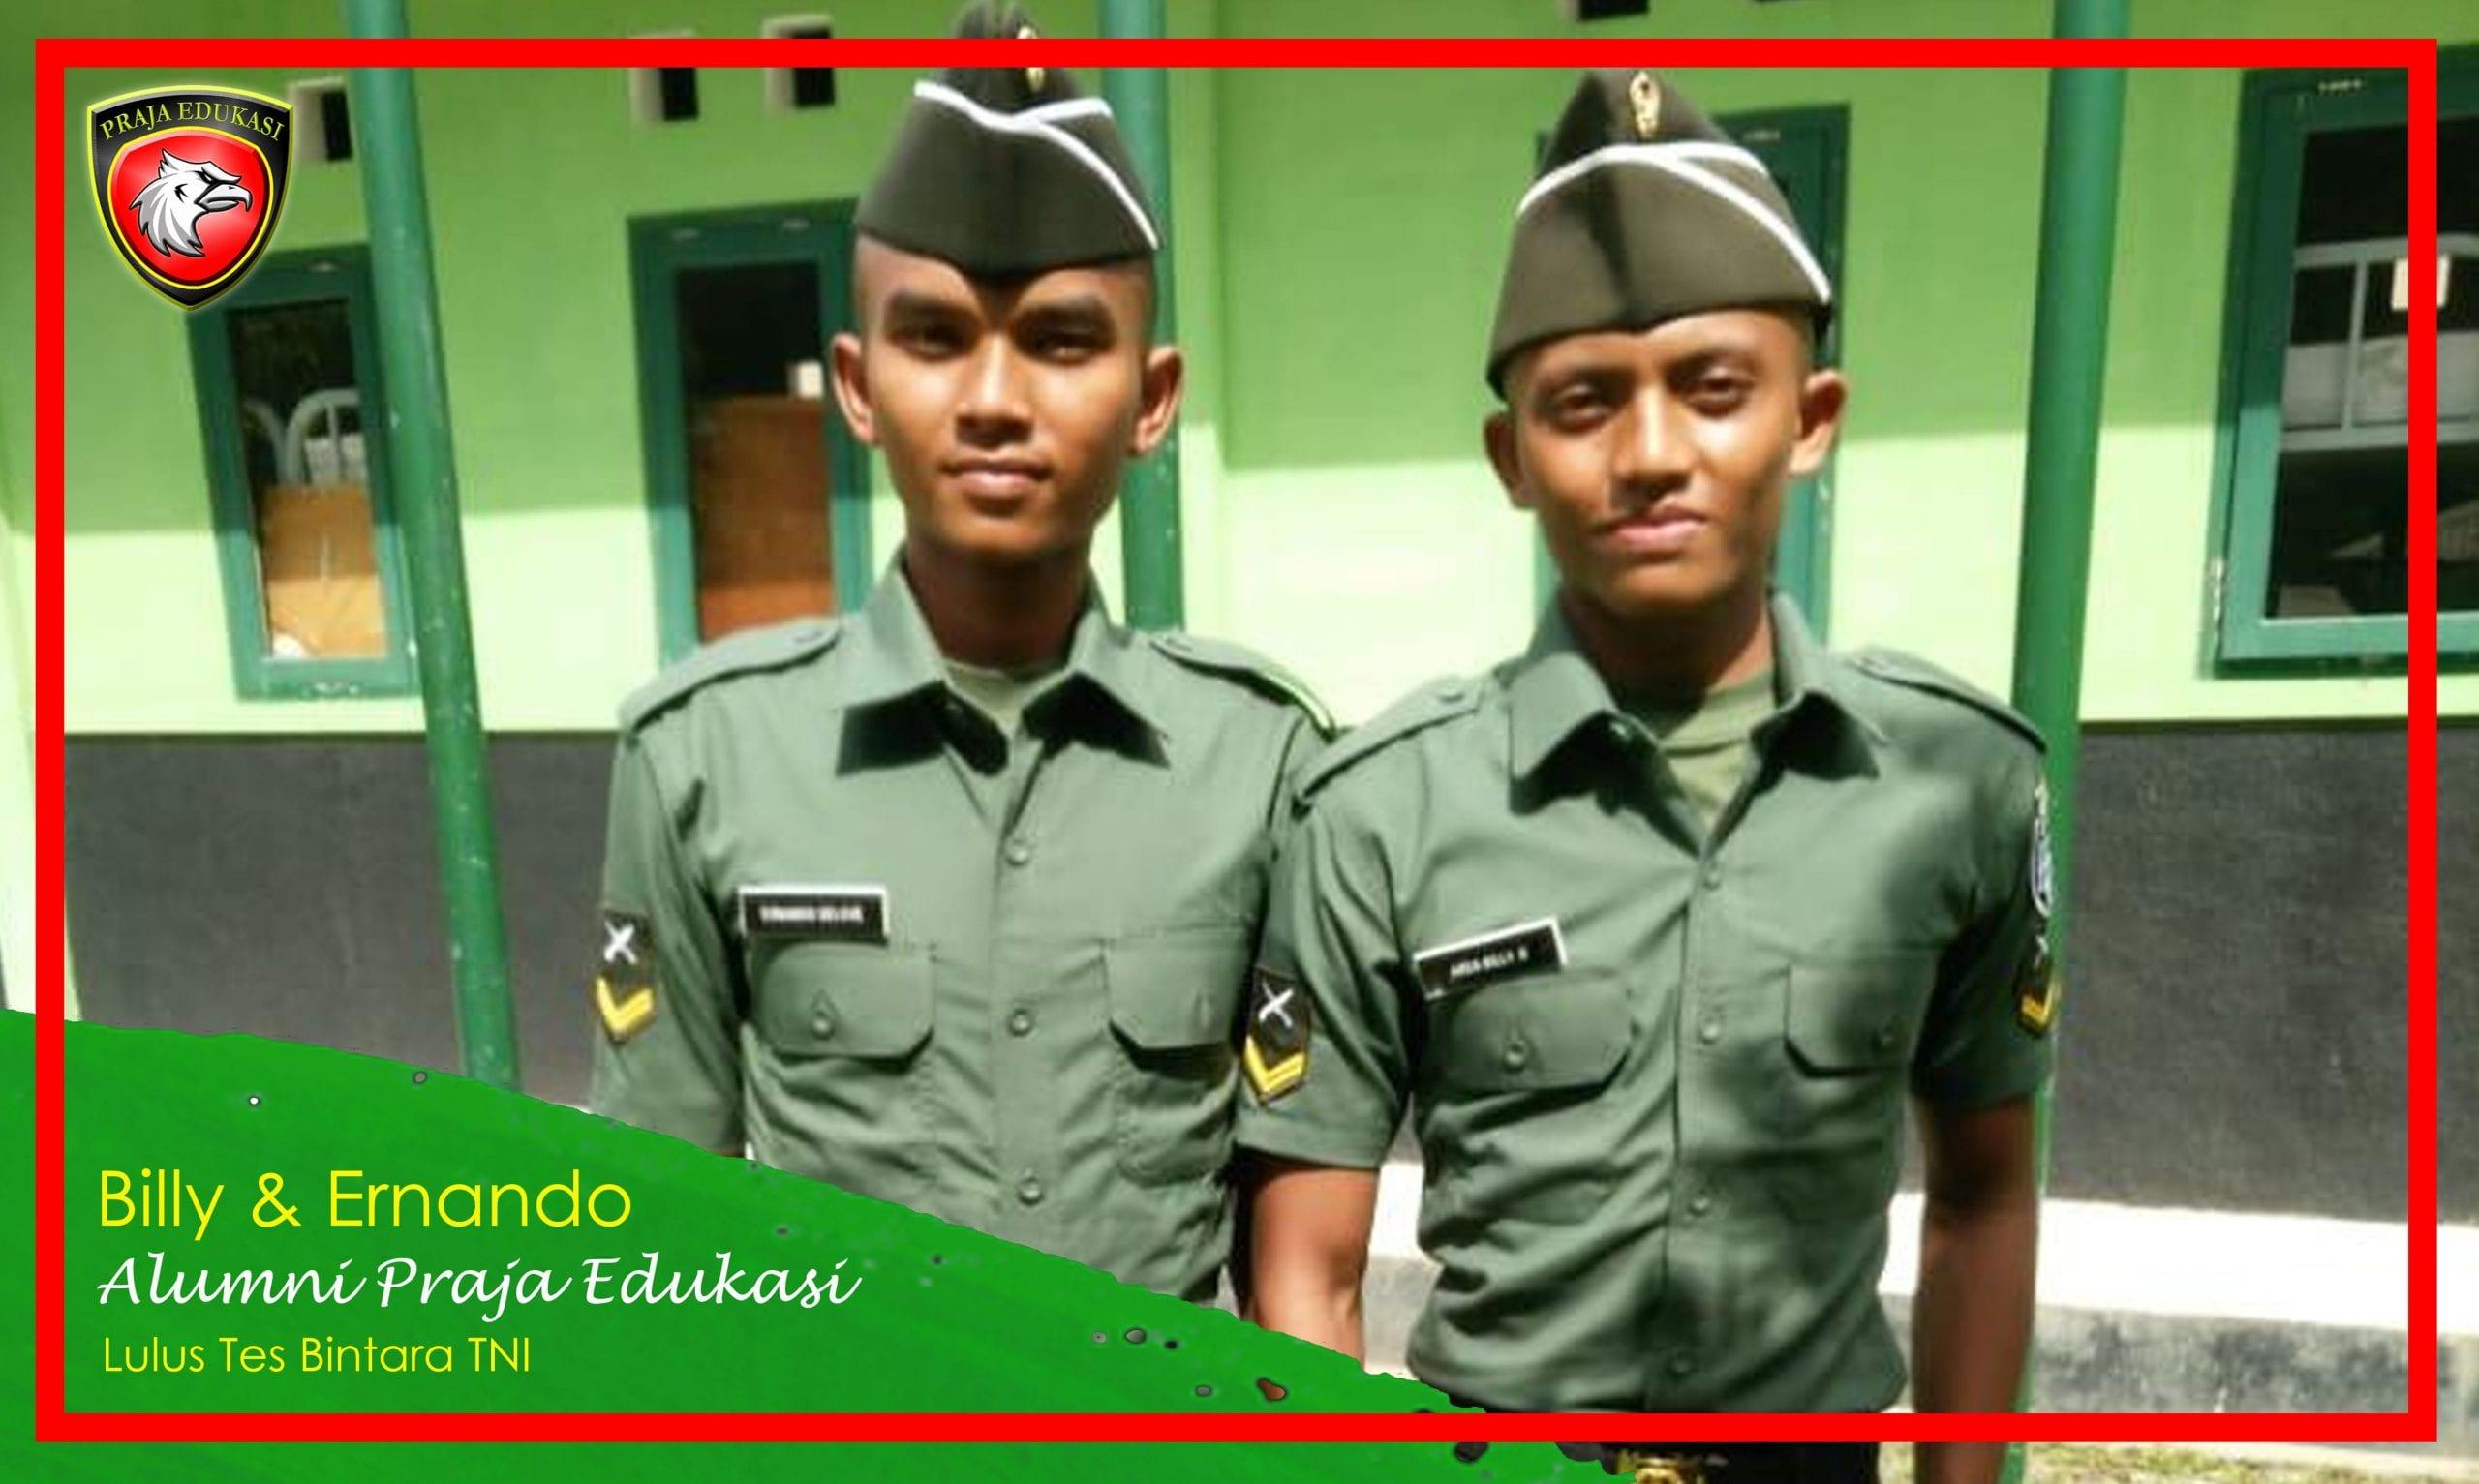 Billy & Ernando